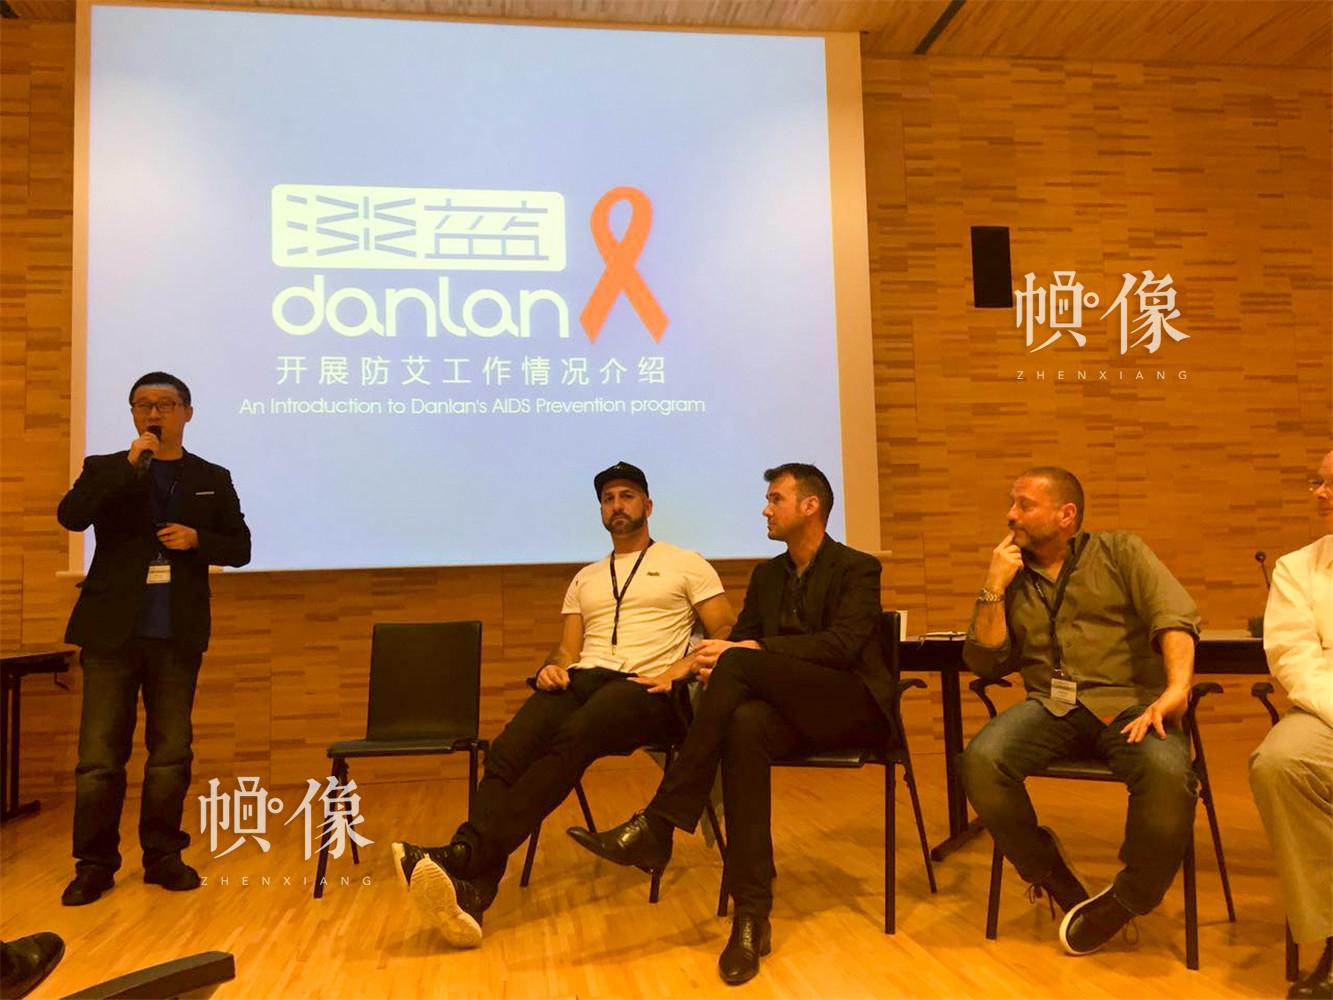 2015年5月19日至20日,UNAIDS(联合国艾滋病规划署)信息通信技术研讨会在UNAIDS总部日内瓦召开,Blued创始人耿乐应邀参会并介绍防艾工作情况。Blued 供图